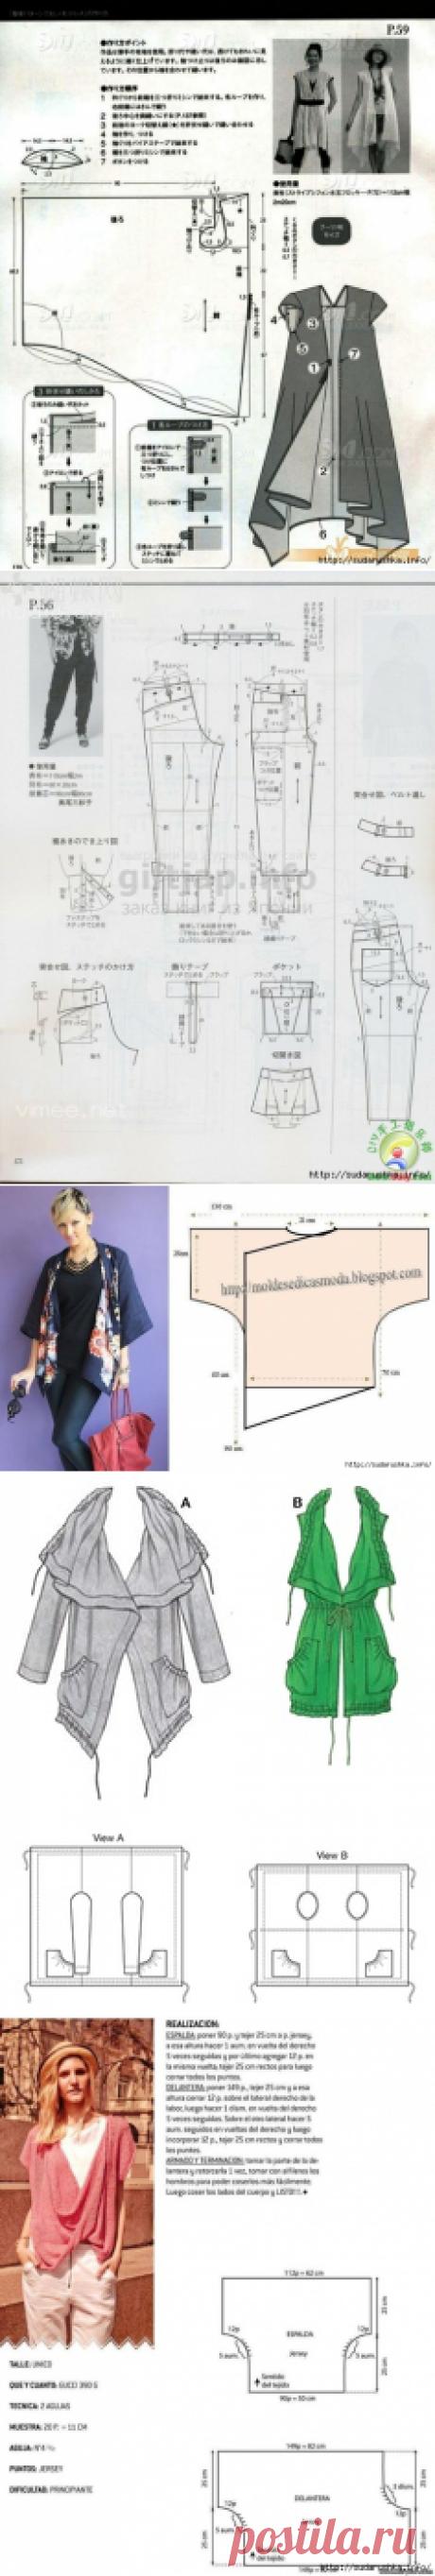 Los patrones-esquemas para boho del estilo